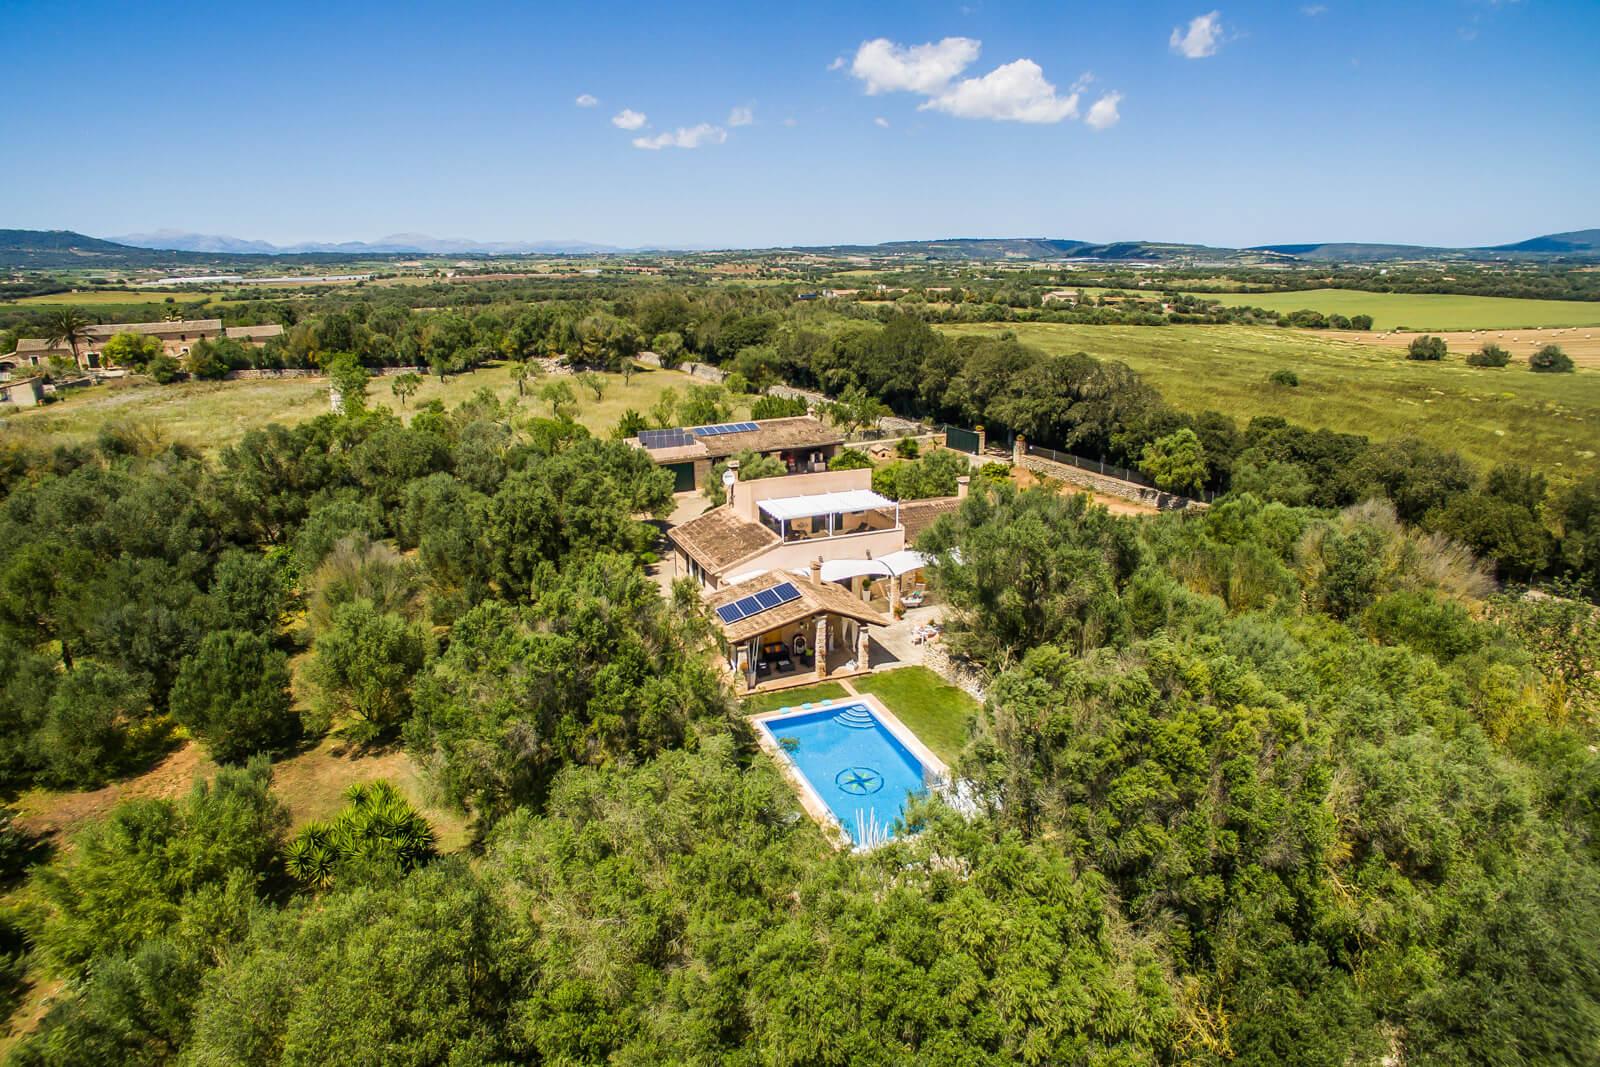 Finca Es Castellot - Ansicht aus der Luft